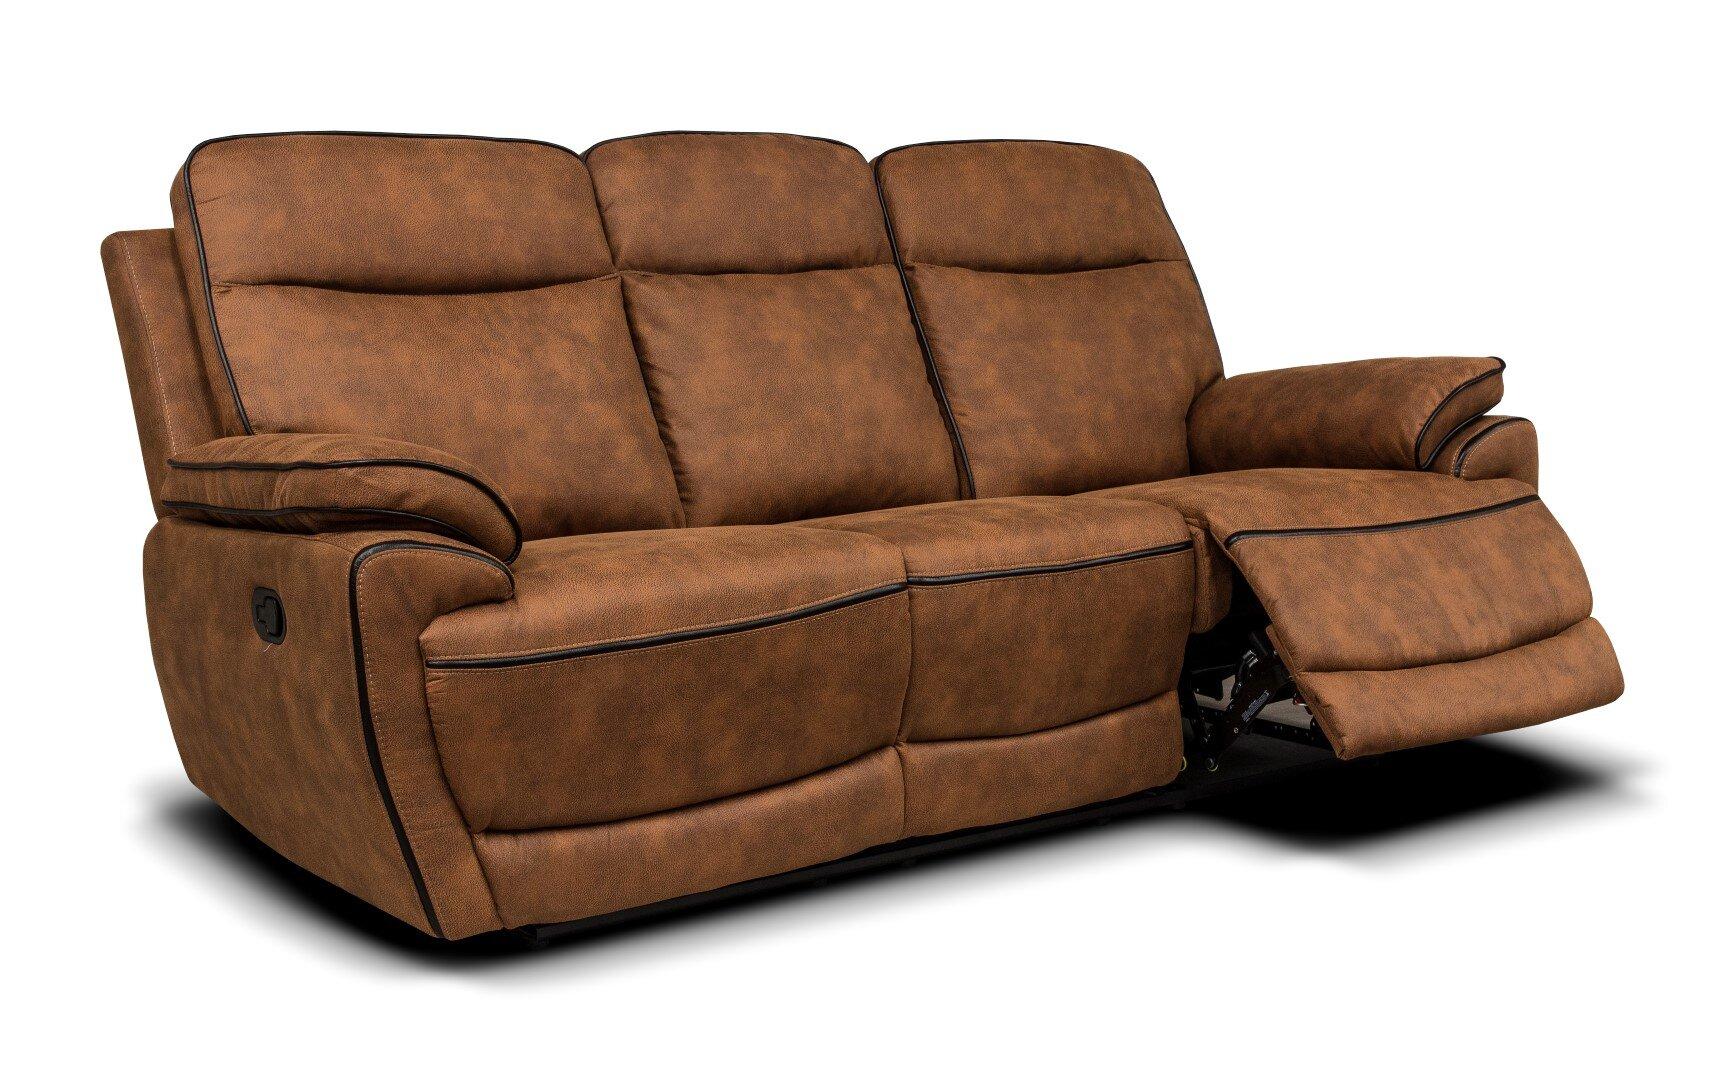 Lotus Fabric Sofa - Brown